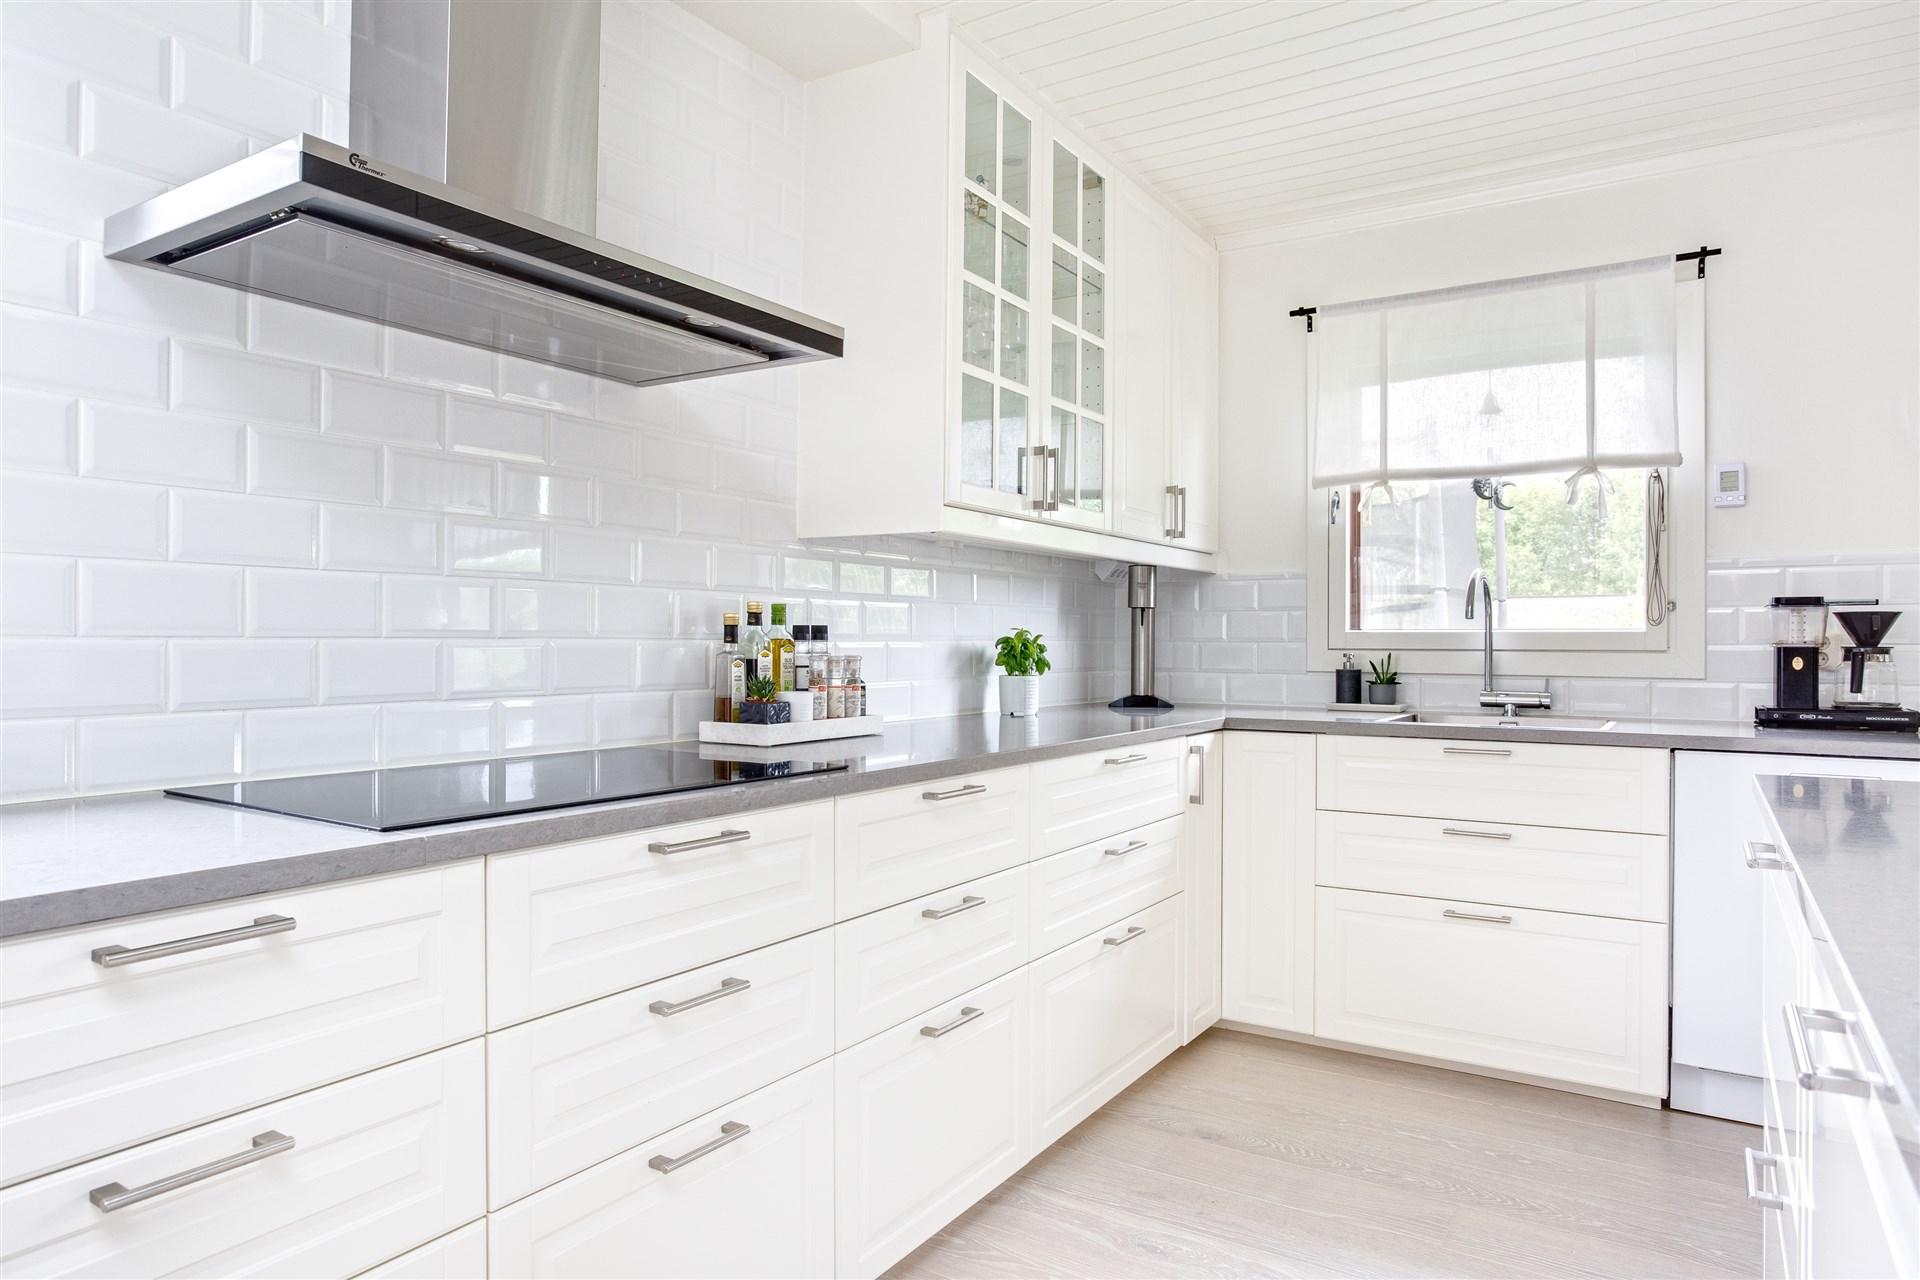 Köket har vita köksluckor från IKEA, bänkskiva i grå sten och vitt kakel över arbetsbänken.